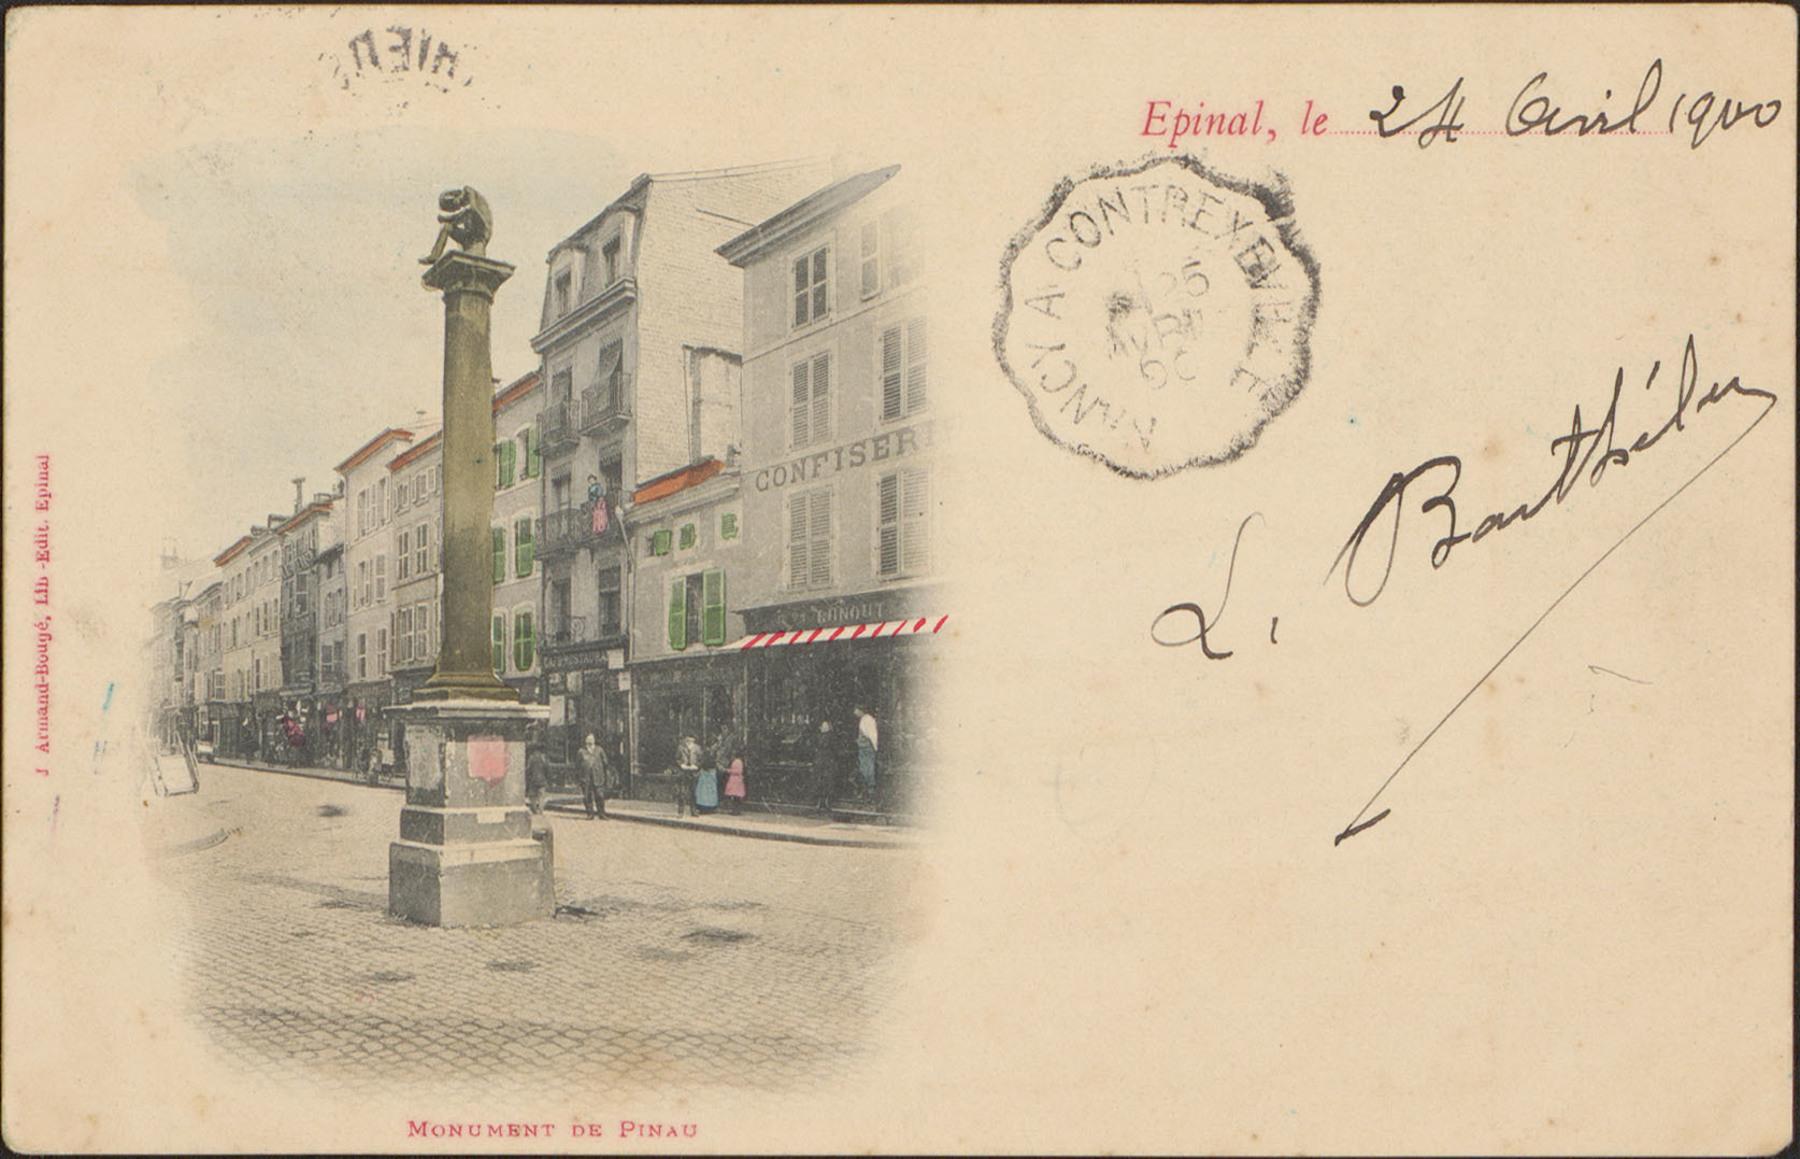 Contenu du Monument de Pinau